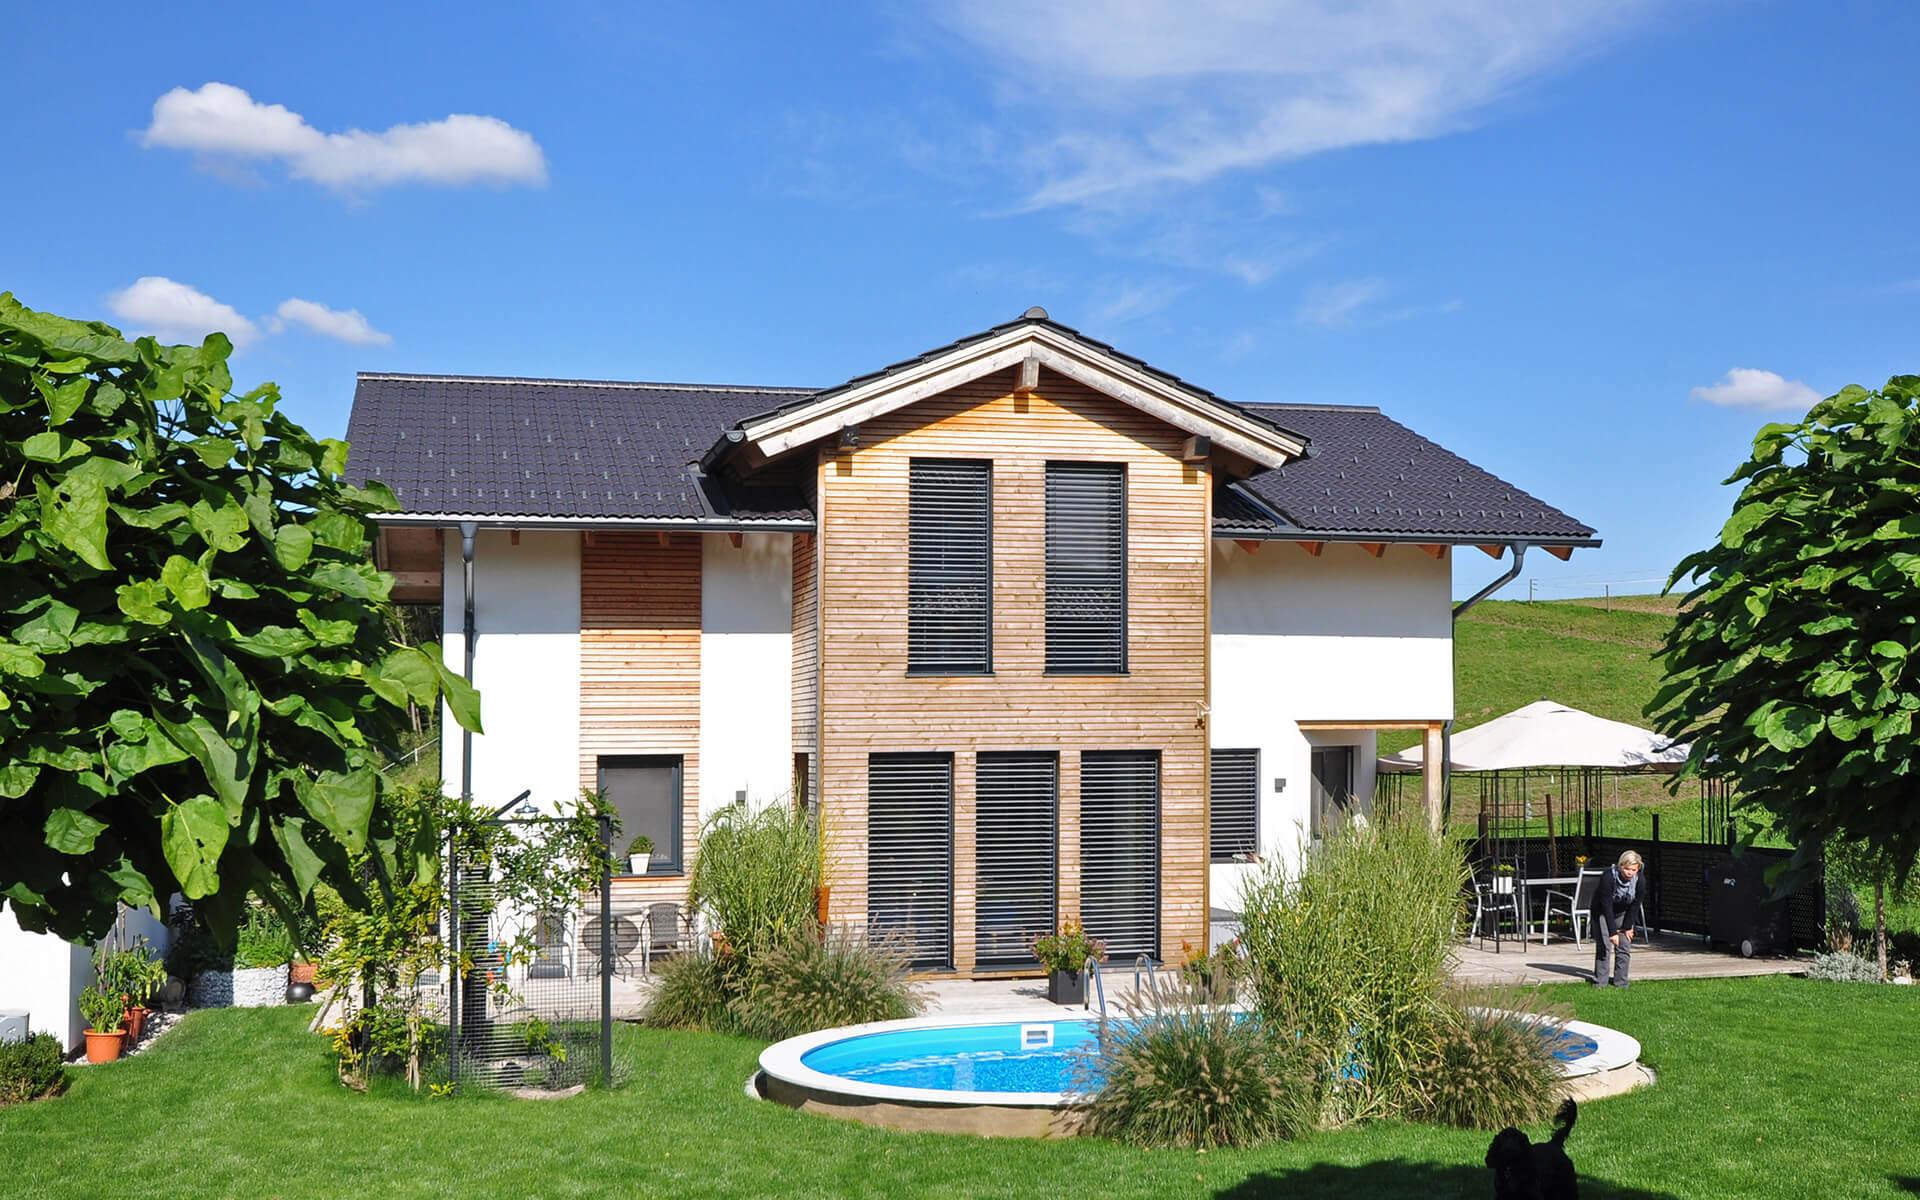 fertighaus tschechien preise fertighaus preise massiv schla sselfertig mit dach und fassade. Black Bedroom Furniture Sets. Home Design Ideas